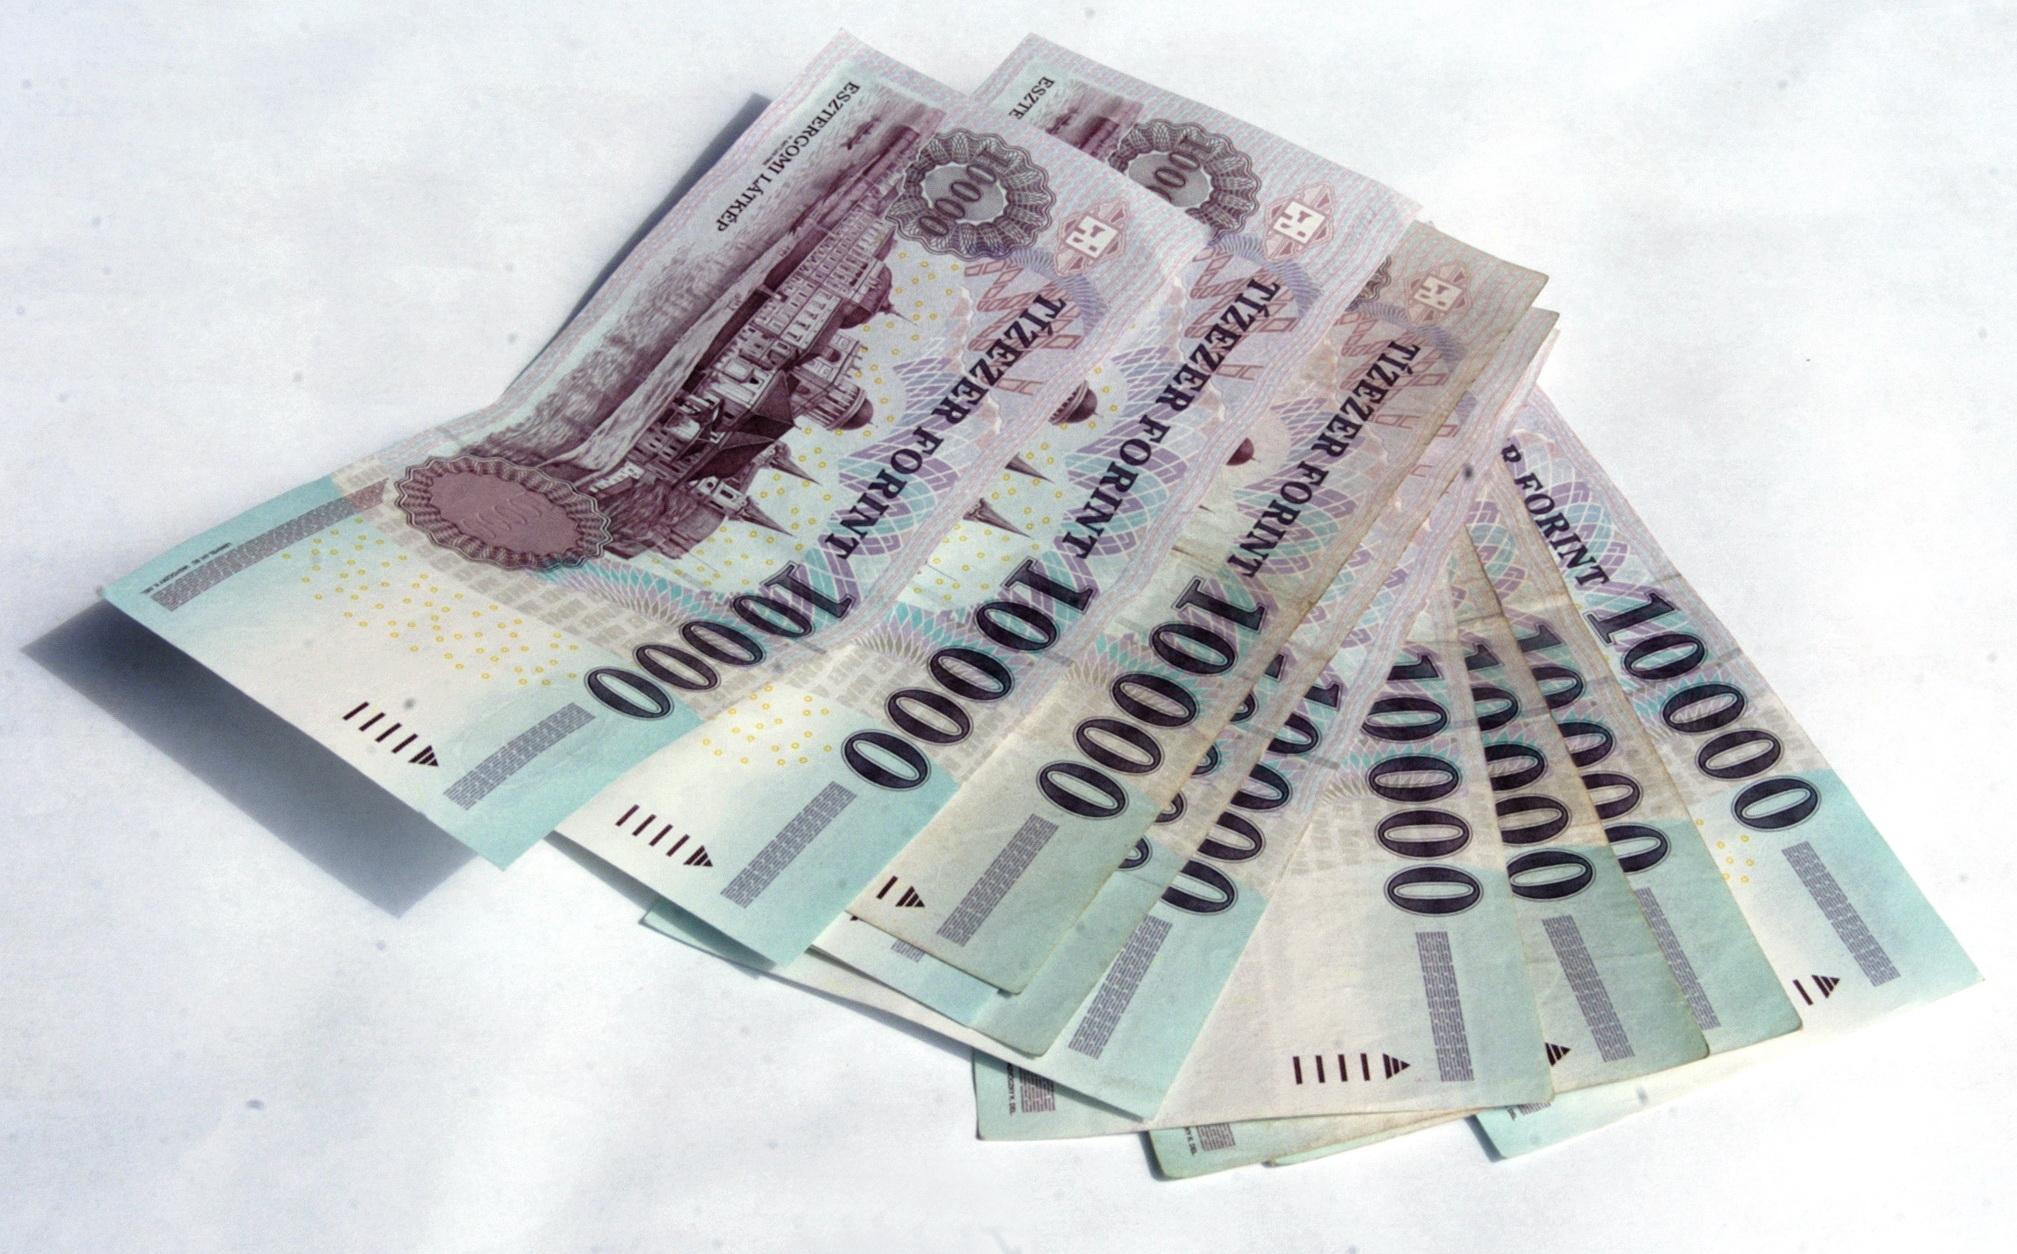 Pénzügyi hűtlenség